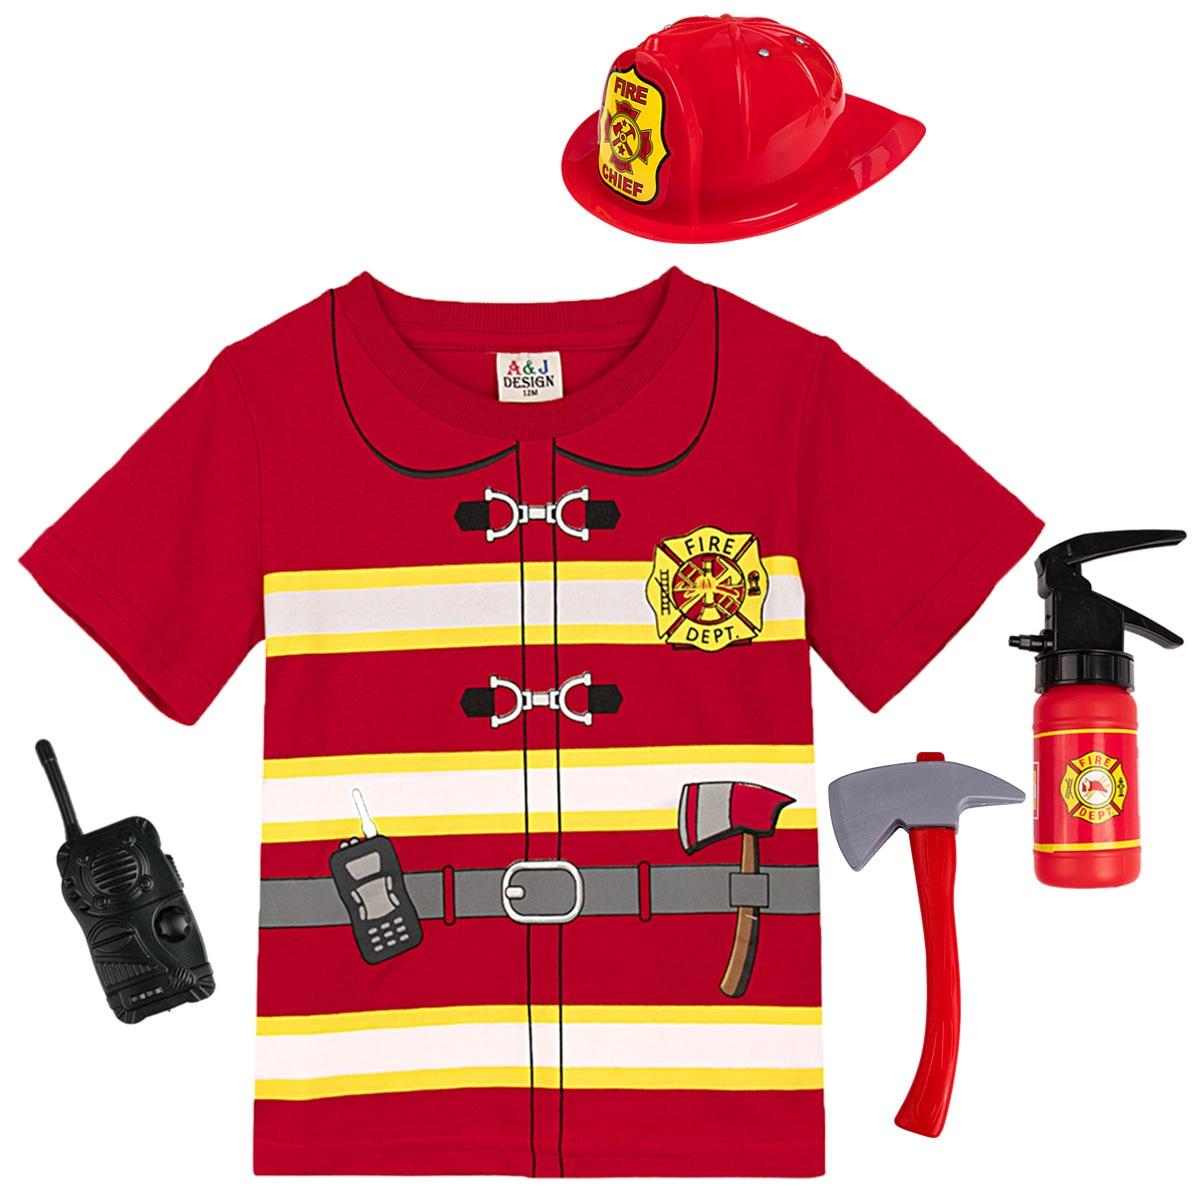 Детская футболка для мальчиков, косплей, пожарный, тяжелая хлопковая футболка, детские топы с короткими рукавами, Детская футболка с принто...